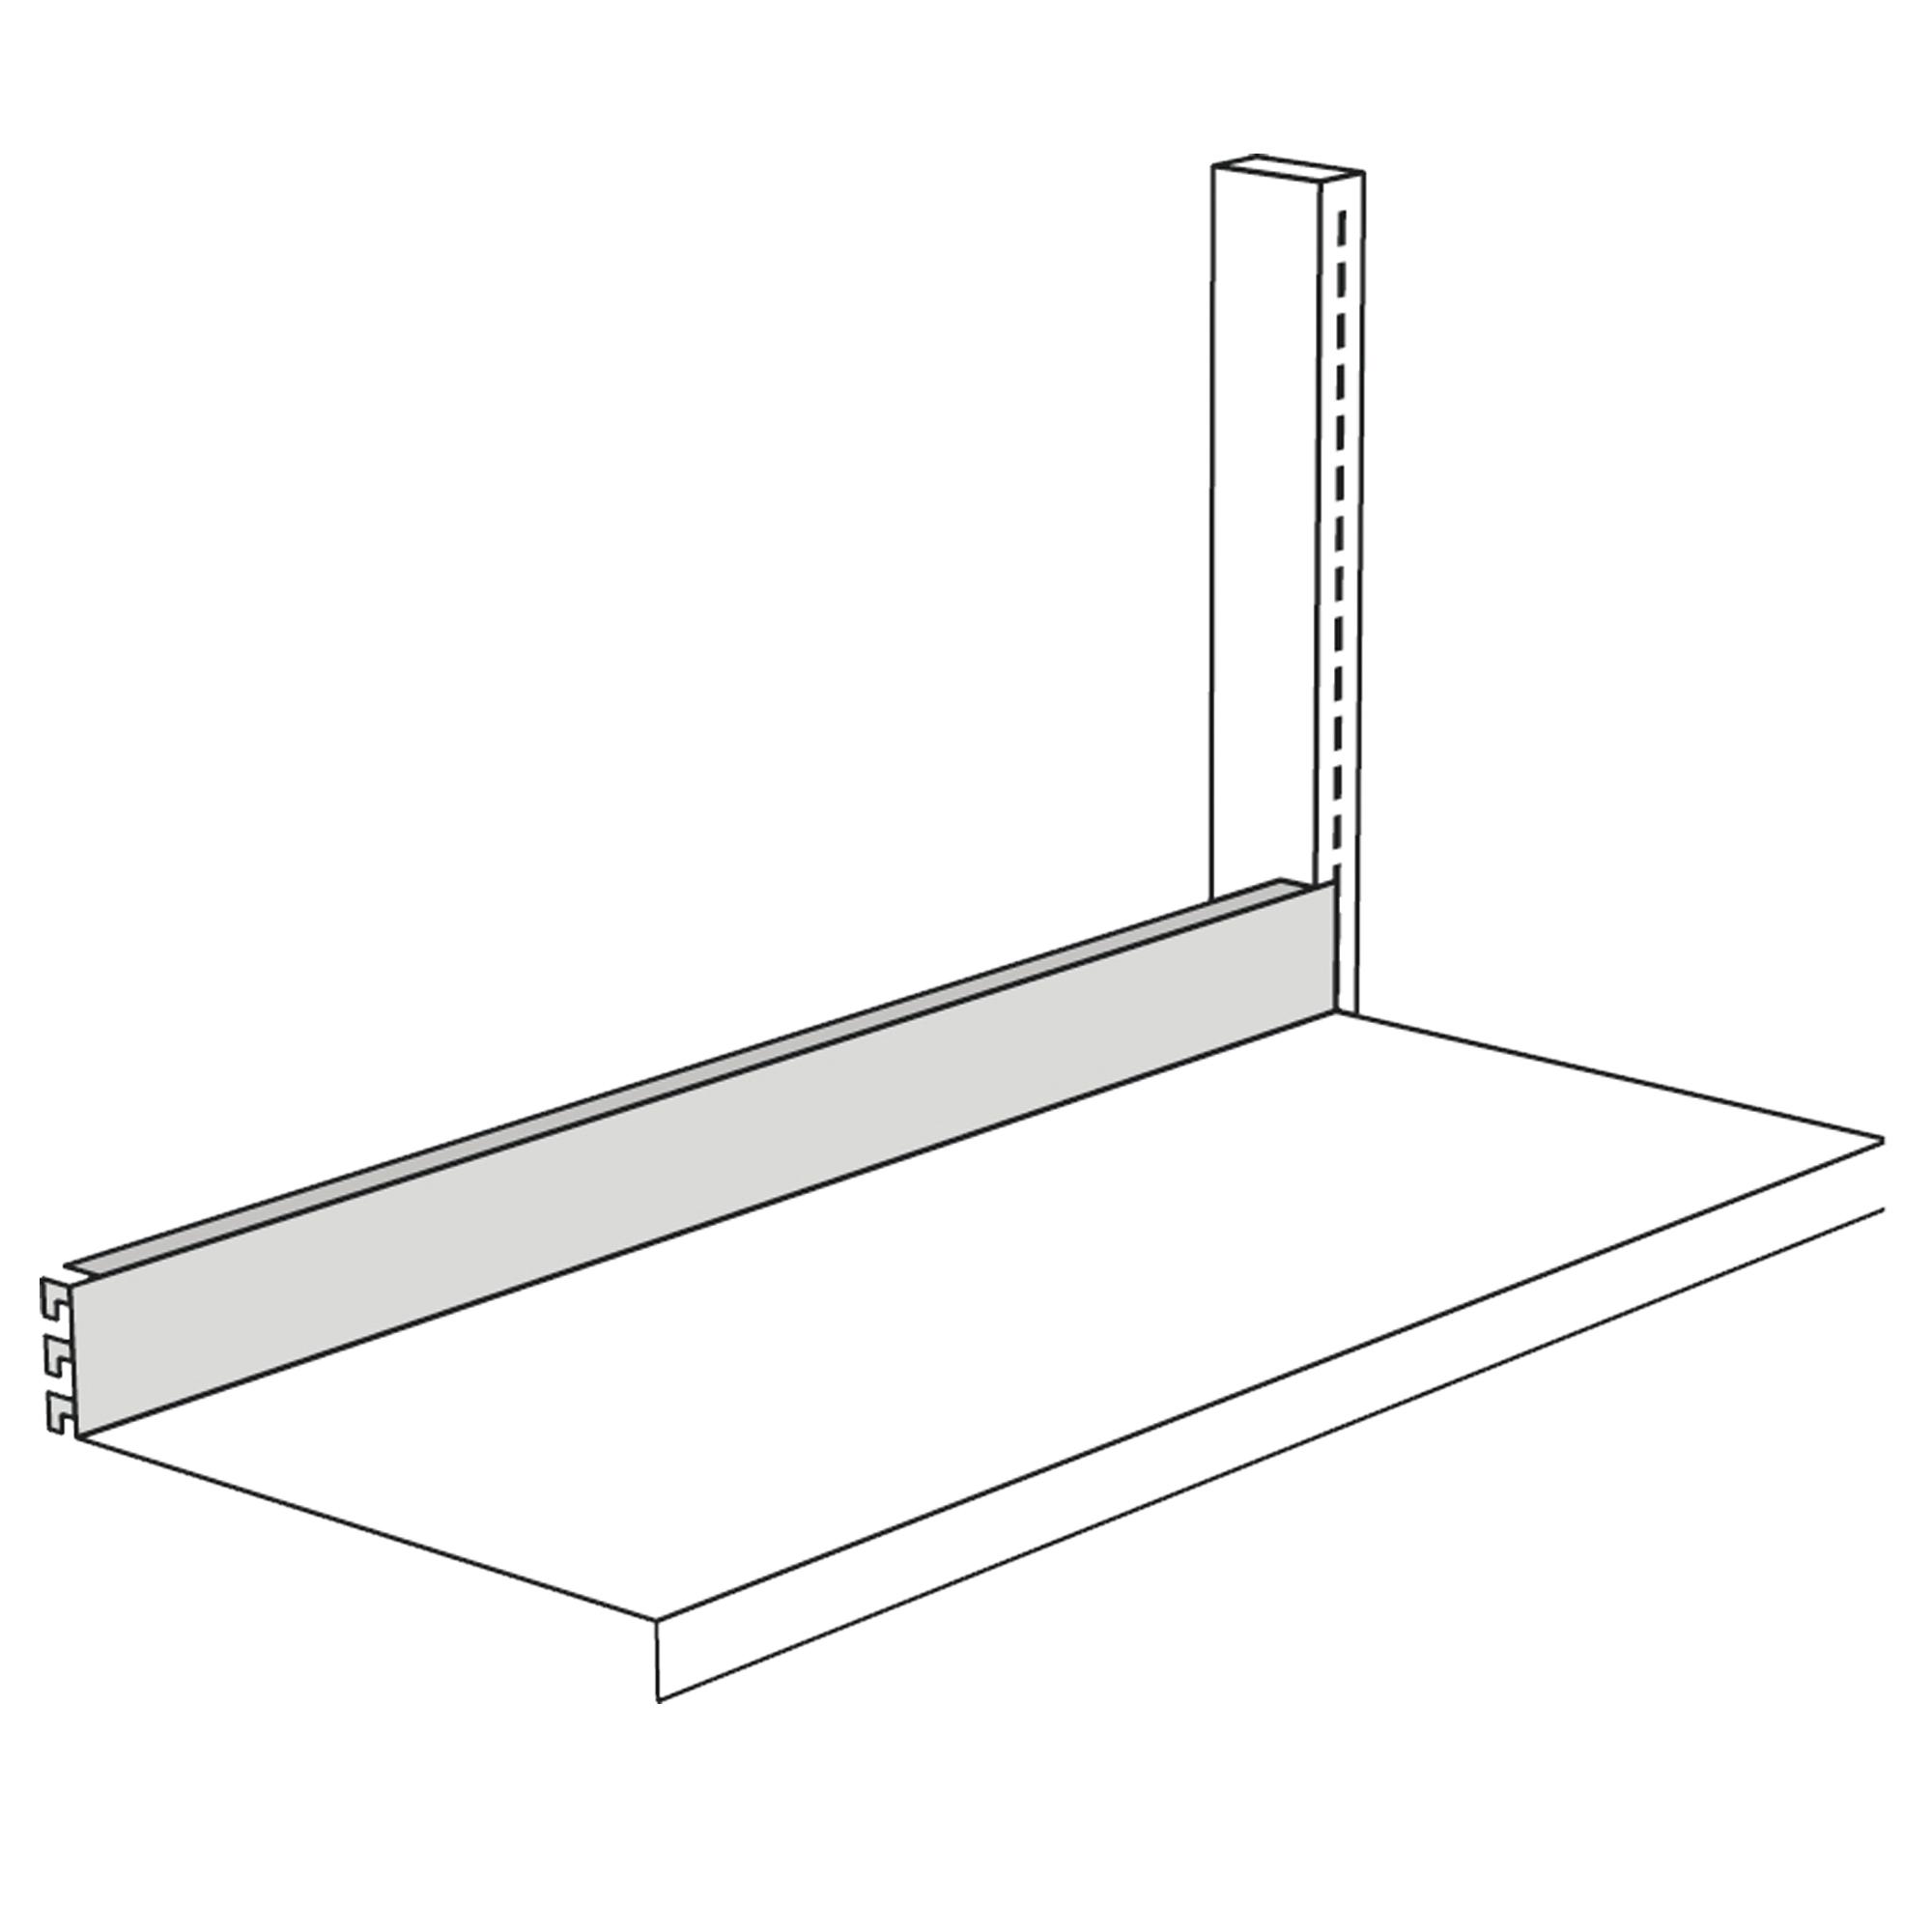 Abschlussleiste für Freiarm-Regal, 1000 mm breit